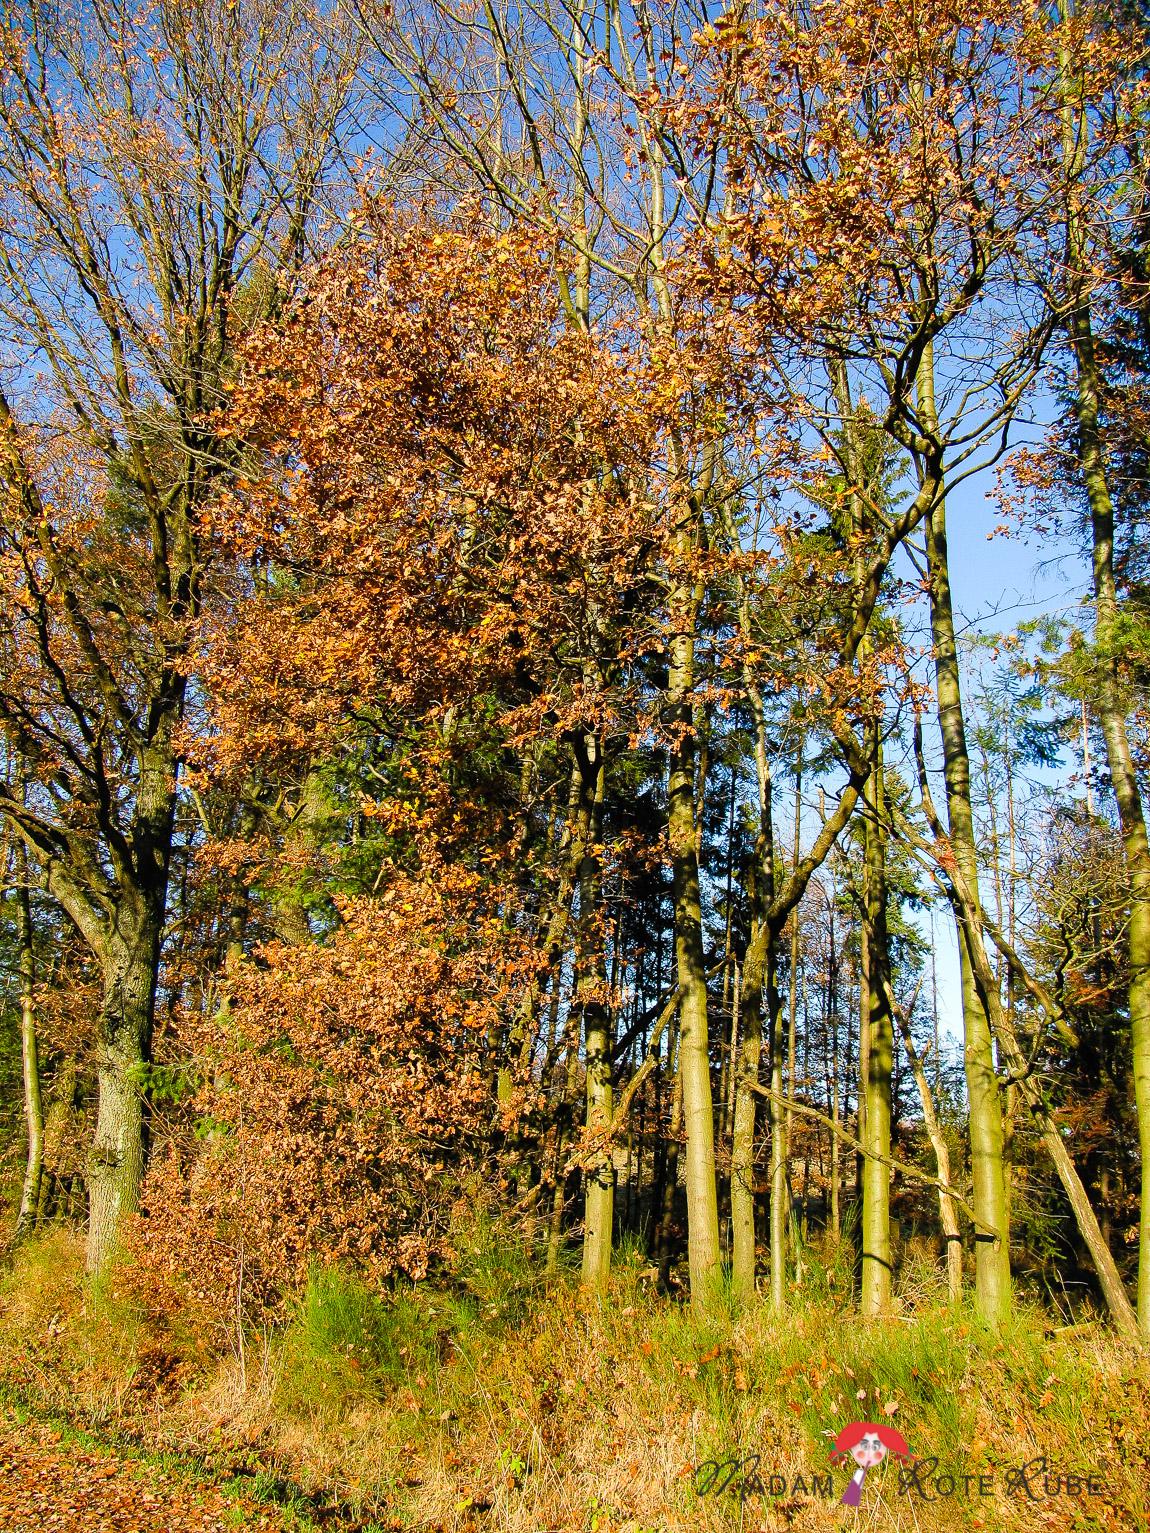 Madam Rote Rübe - Wandern im November bei Altenkirchen/Pfalz